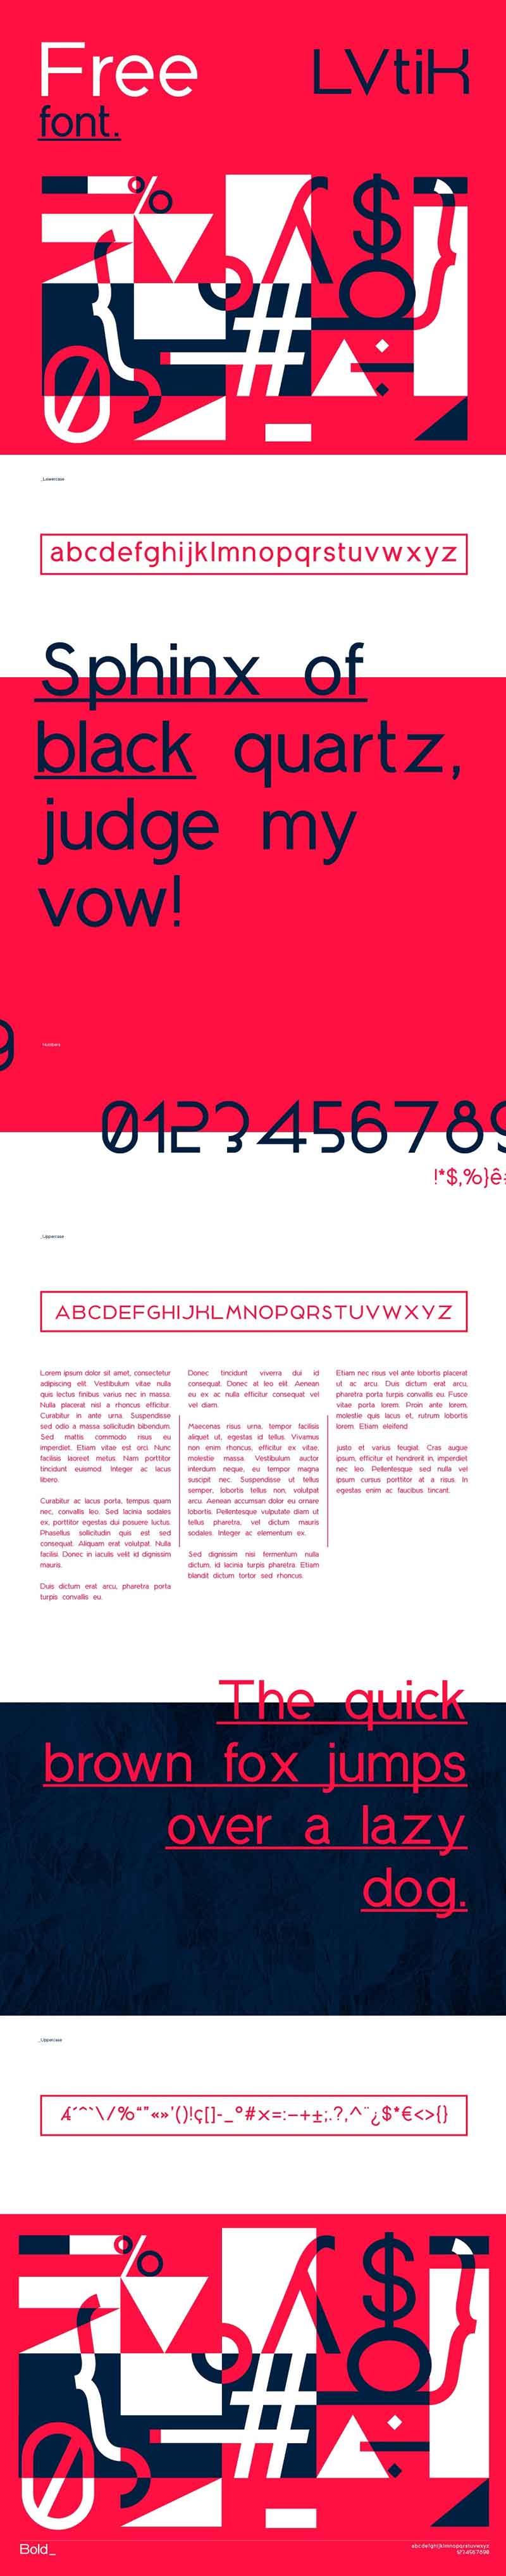 LVtiK-Sans-Free-Typeface